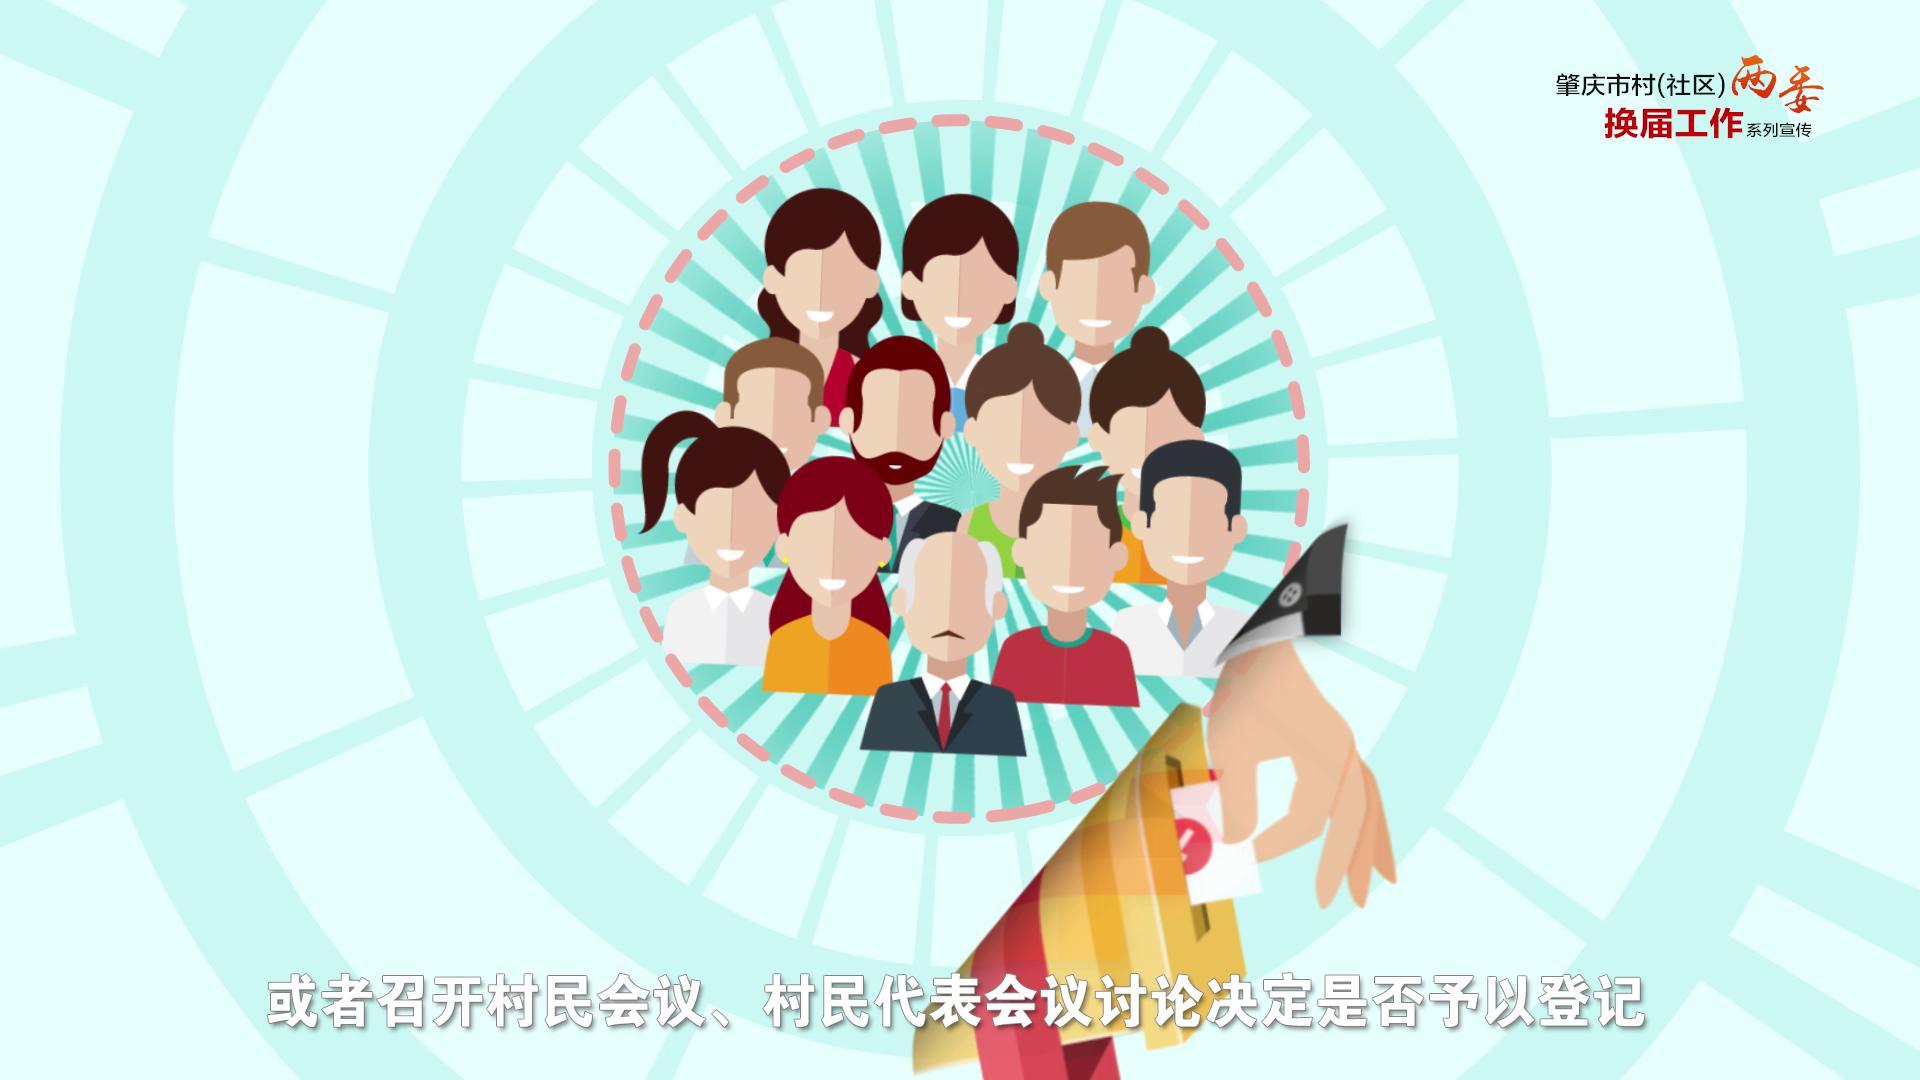 肇慶村(居)民委員會換屆選舉,這些知識點要知道!